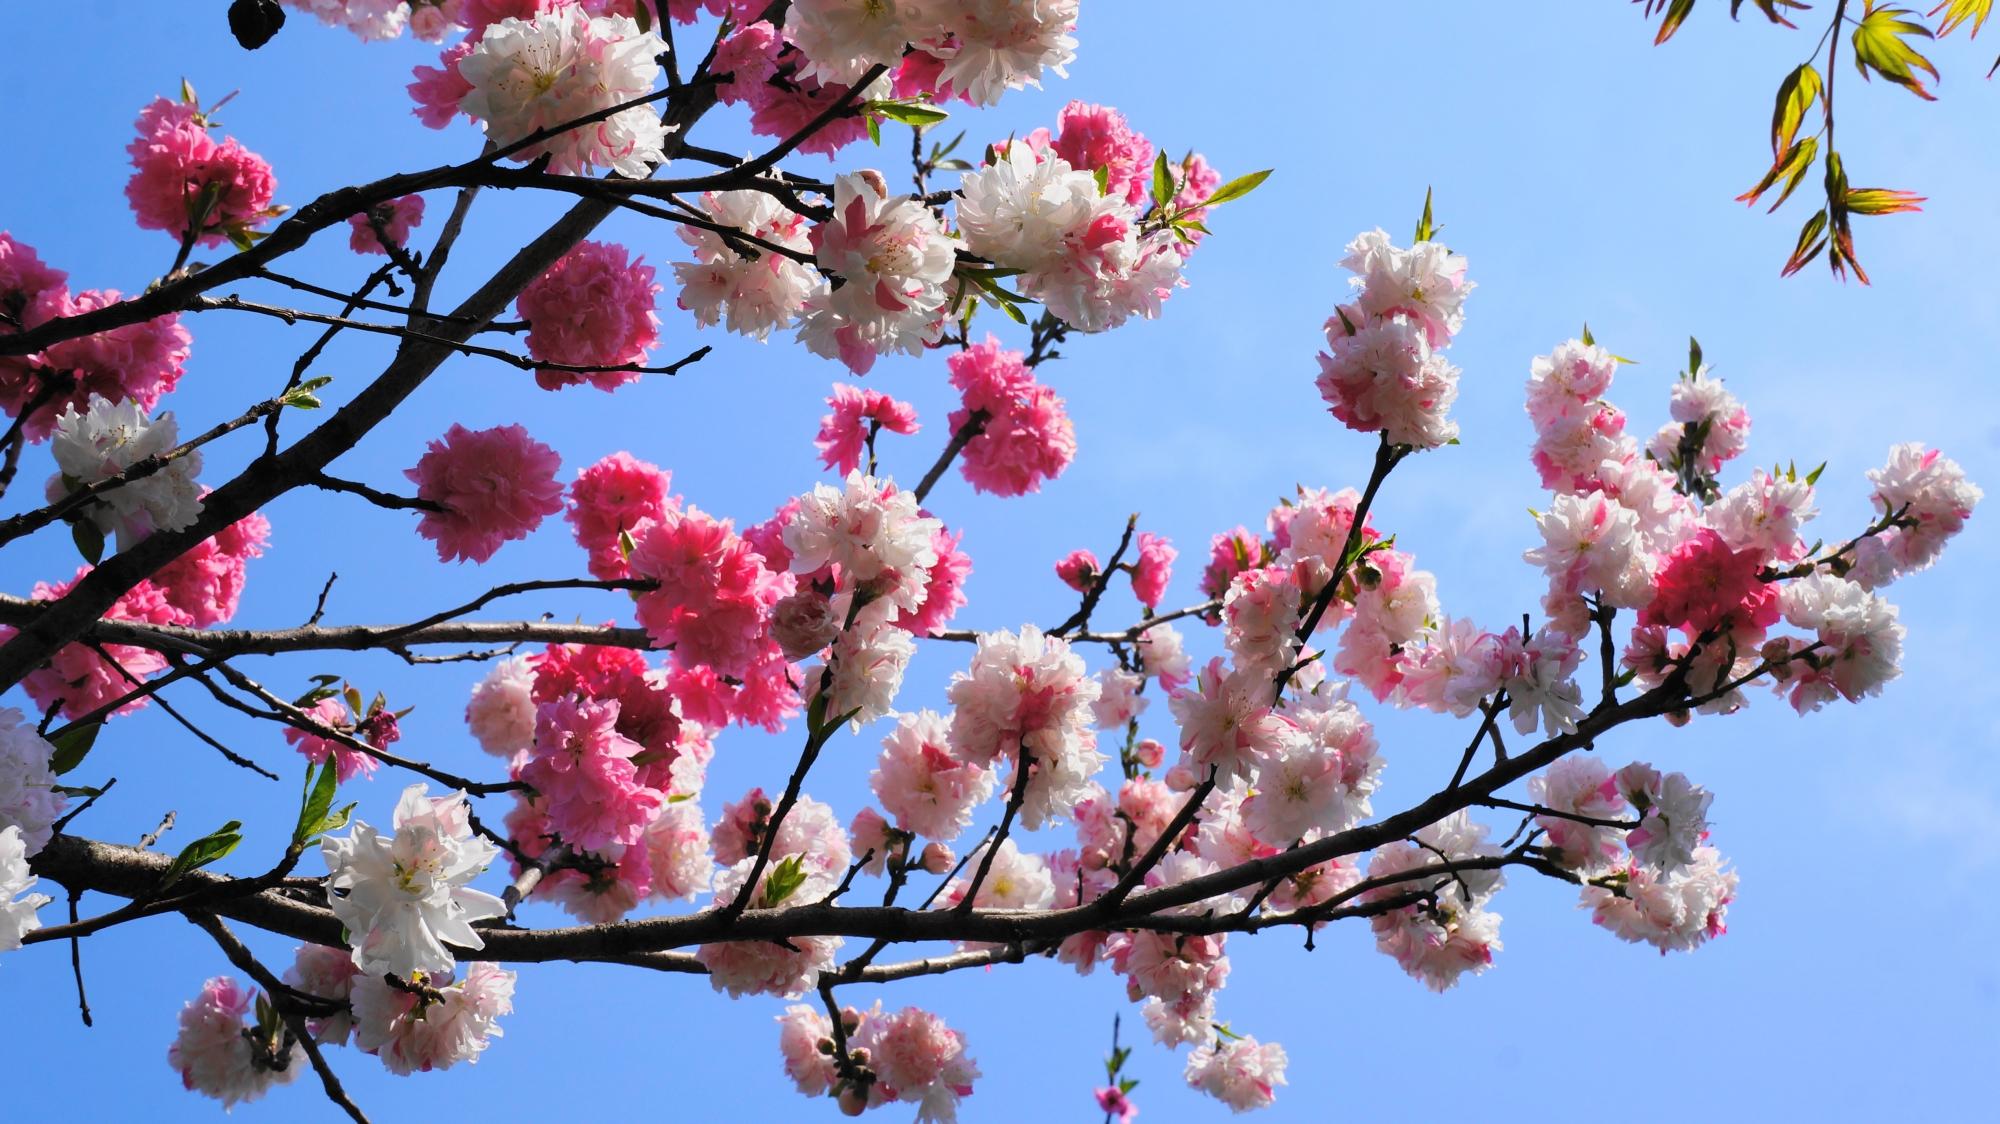 青空に映える華やかな桃の花